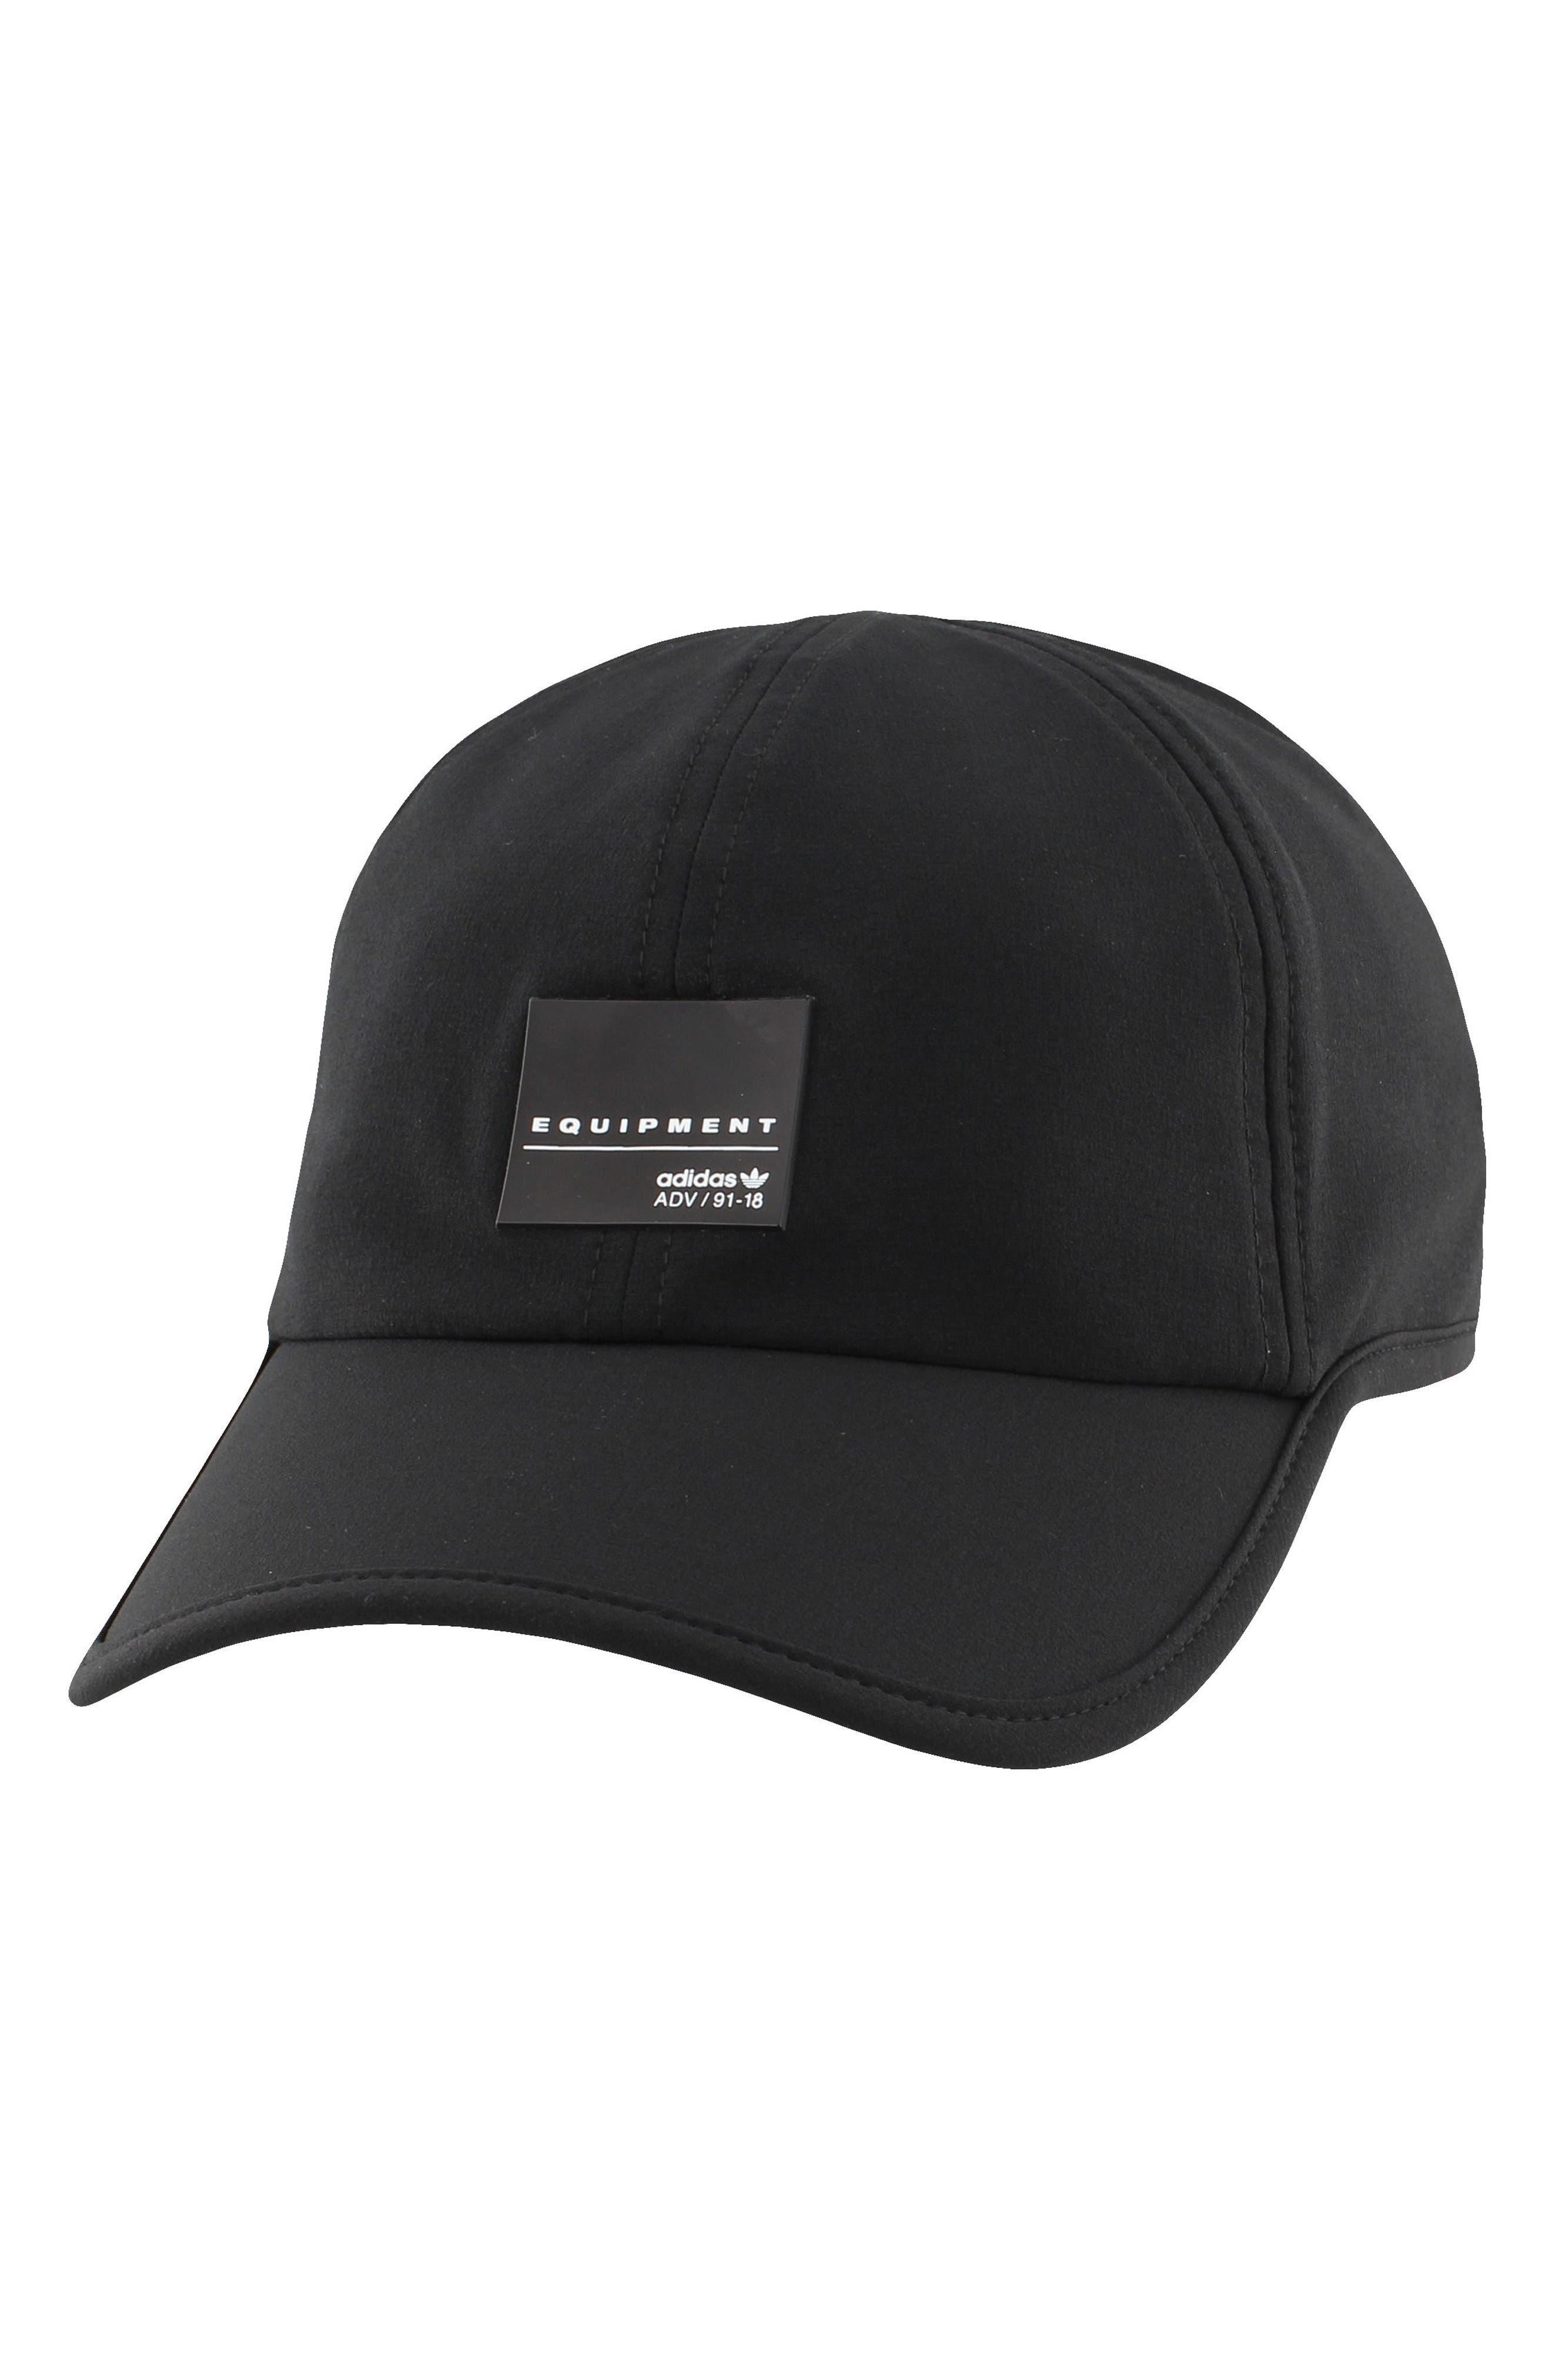 ADIDAS ORIGINALS EQT Trainer Cap, Main, color, 001